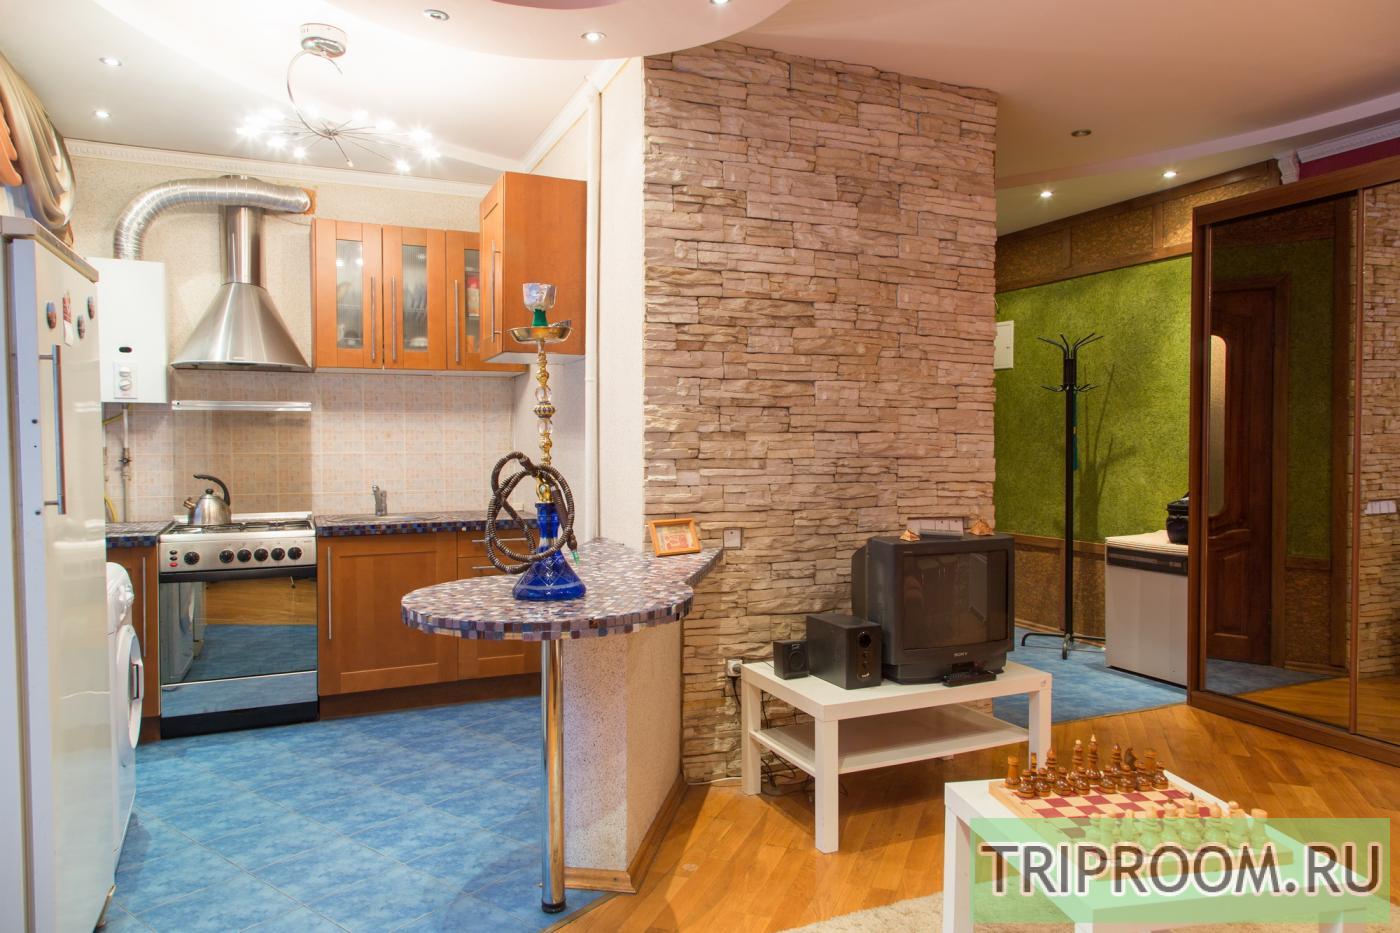 1-комнатная квартира посуточно (вариант № 4852), ул. Средне-Московская улица, фото № 4